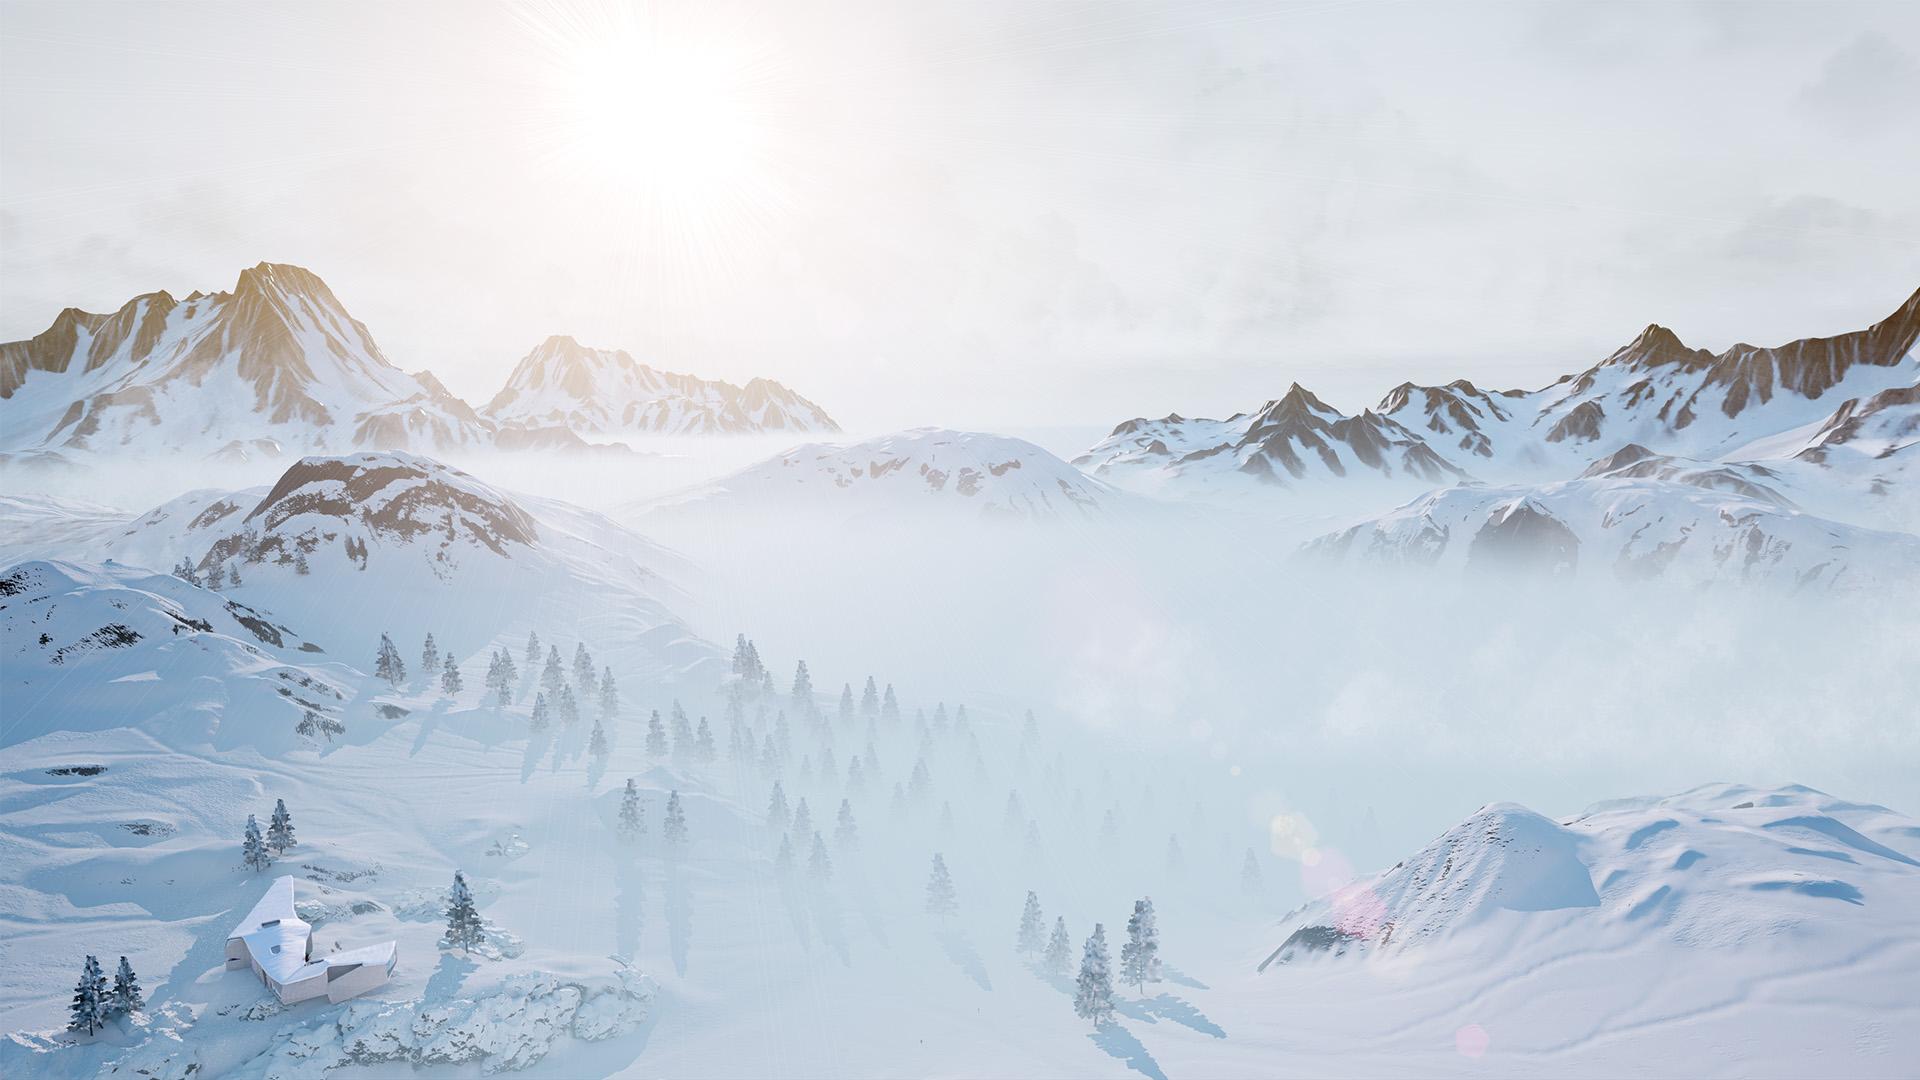 Interactive winter scene - xoio